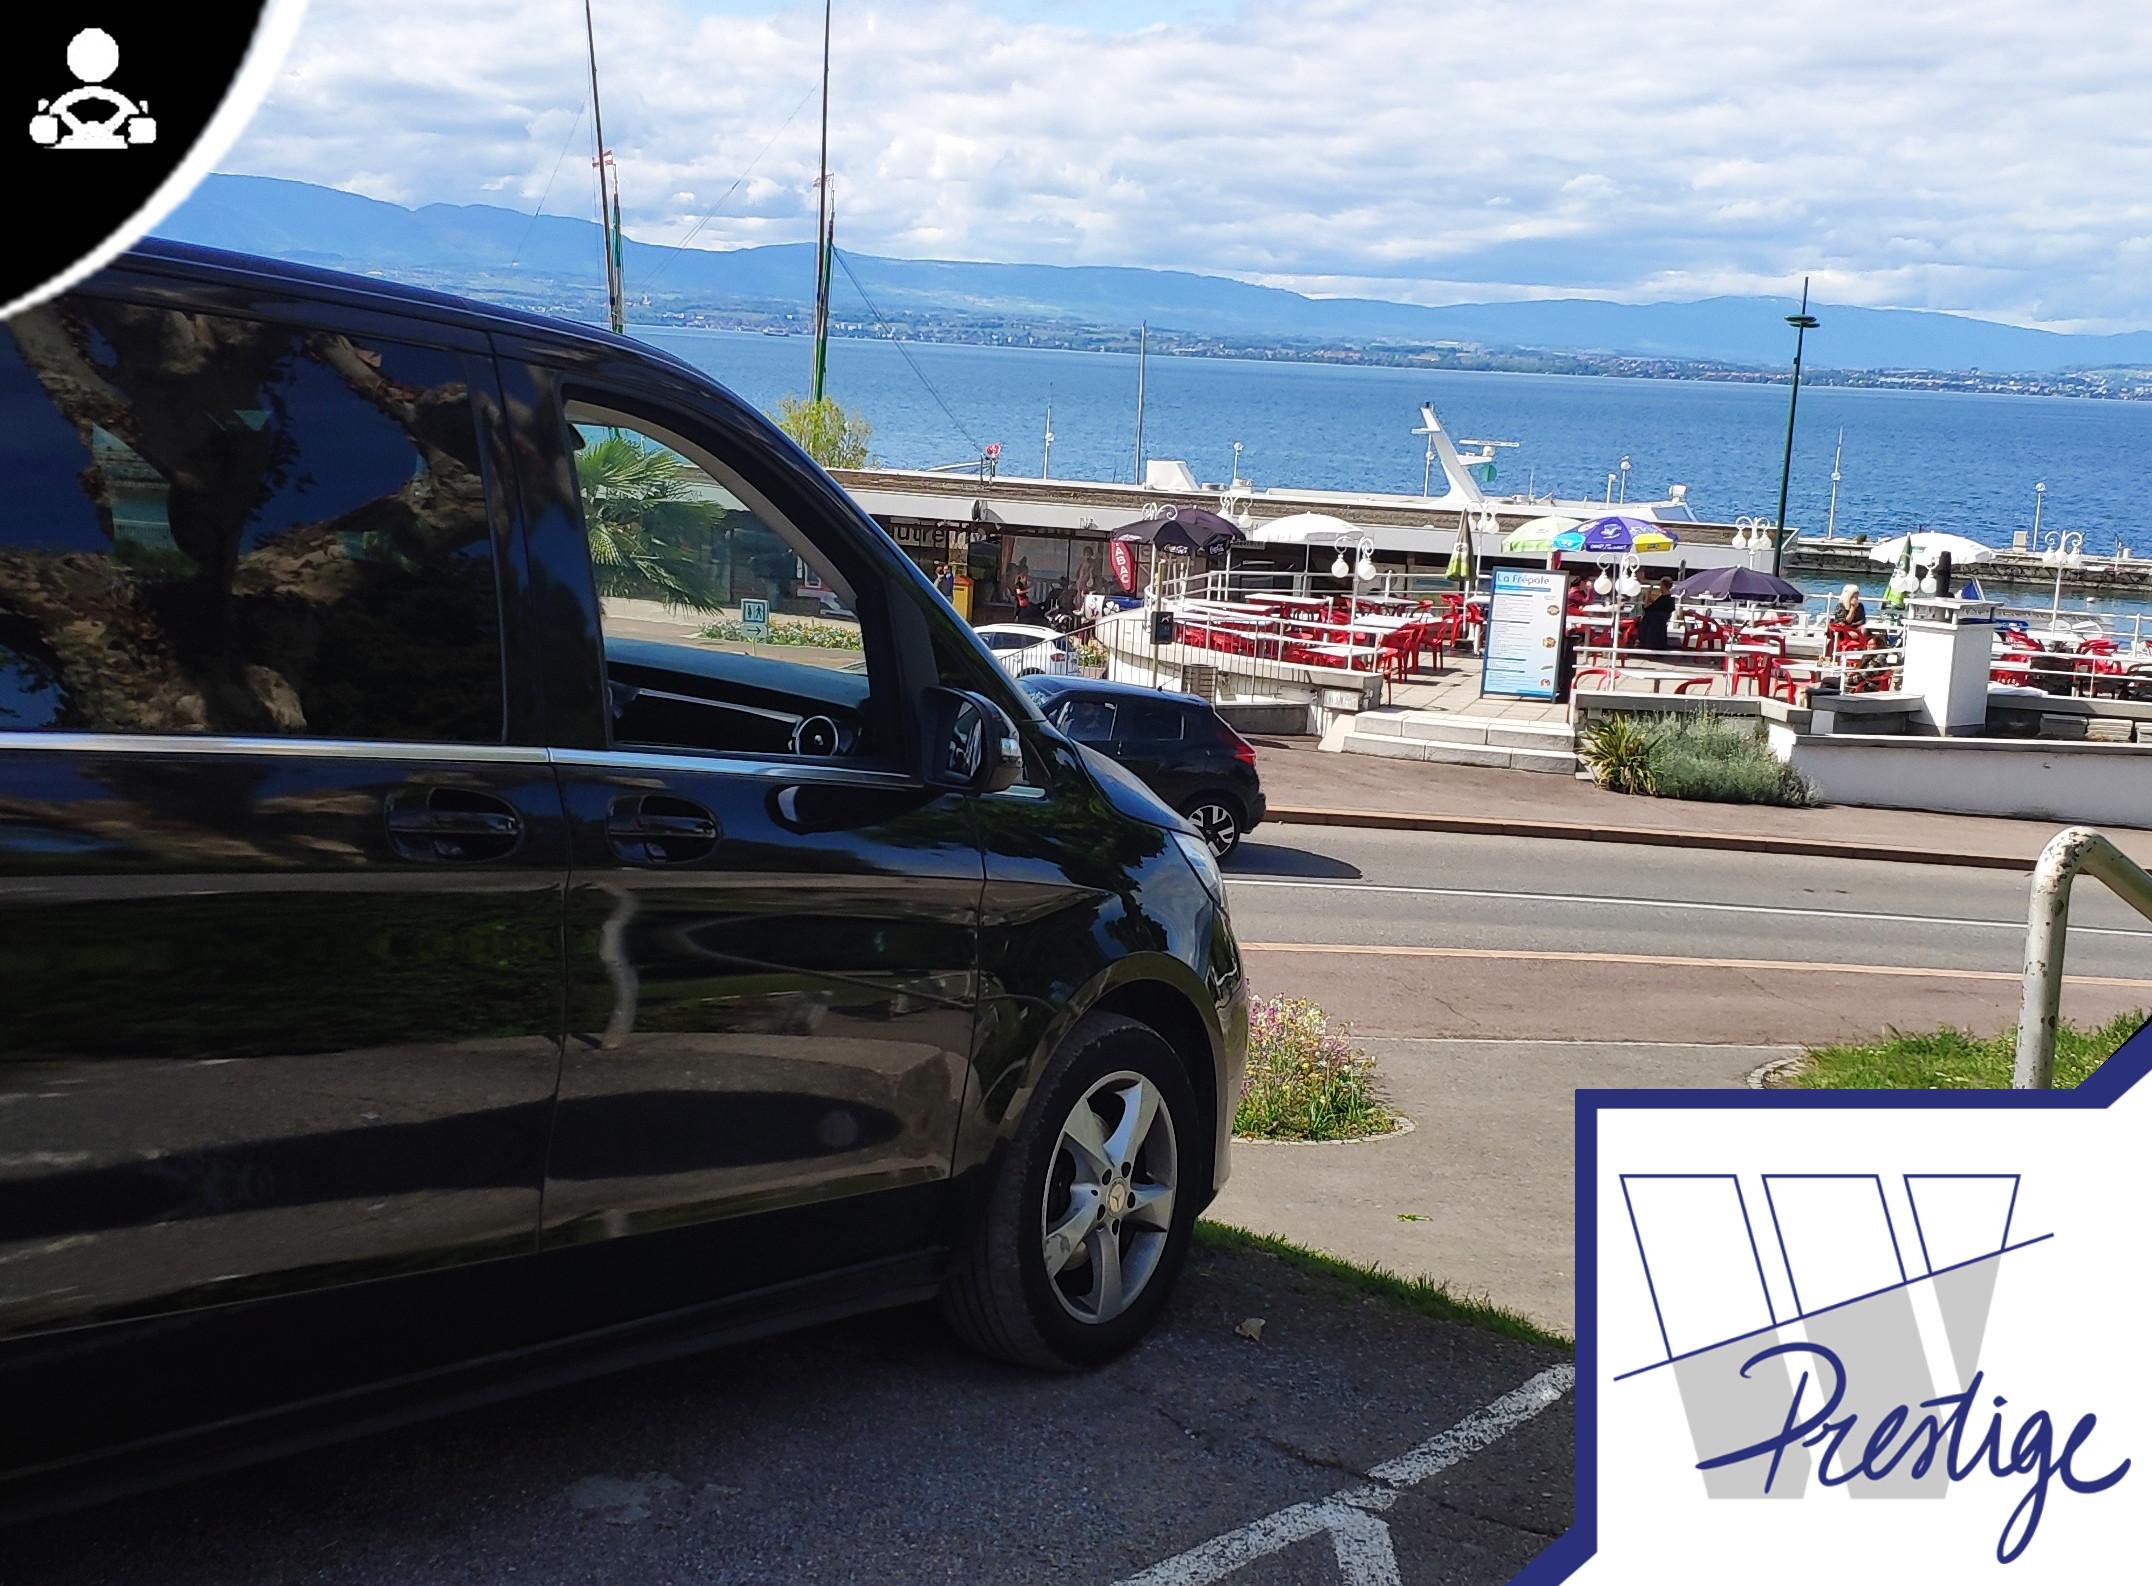 vtc haut de gamme genève, Votre chauffeur privé VTC à Genève